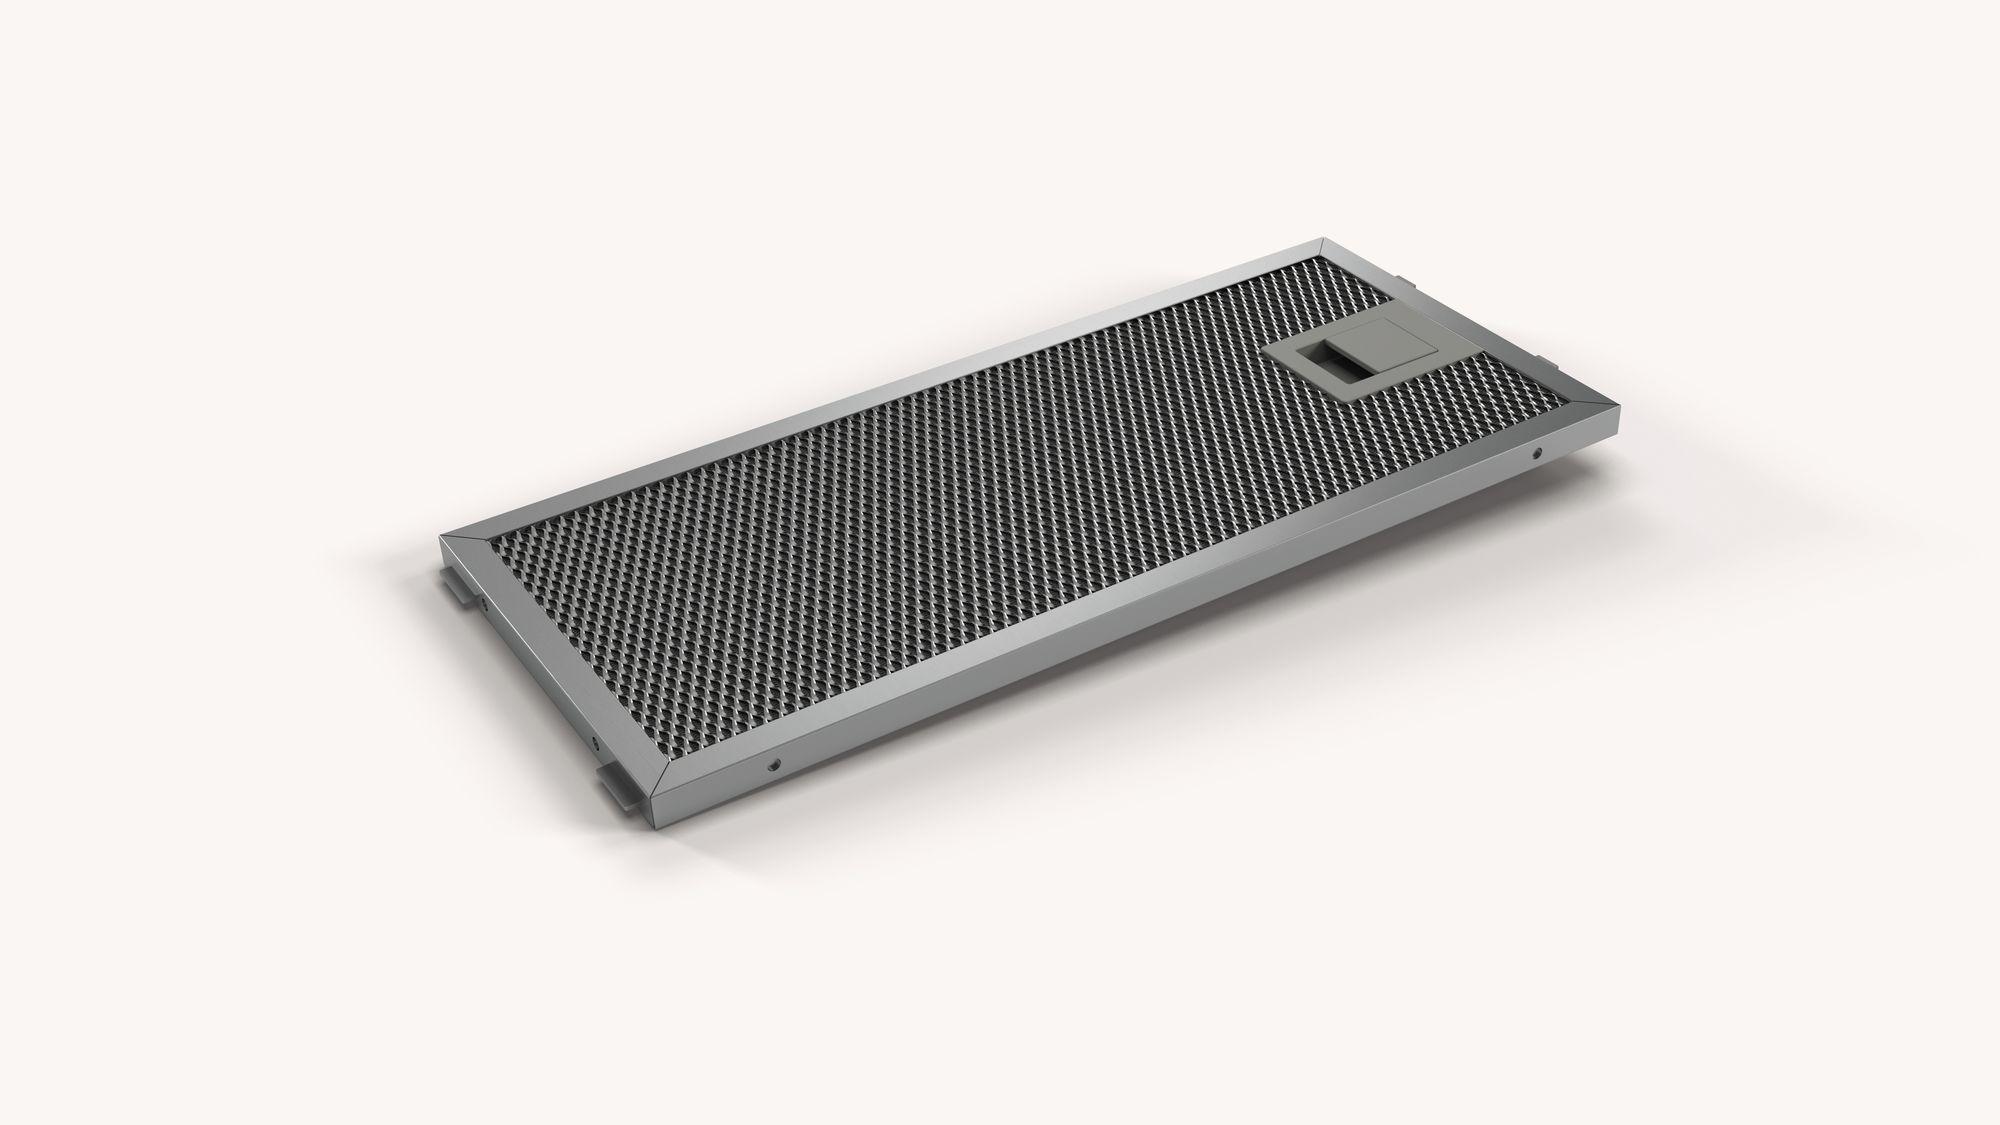 dunstabzugshaube constructa cd686860 schwarz glas 60cm modulk chen bloc modulk che online kaufen. Black Bedroom Furniture Sets. Home Design Ideas